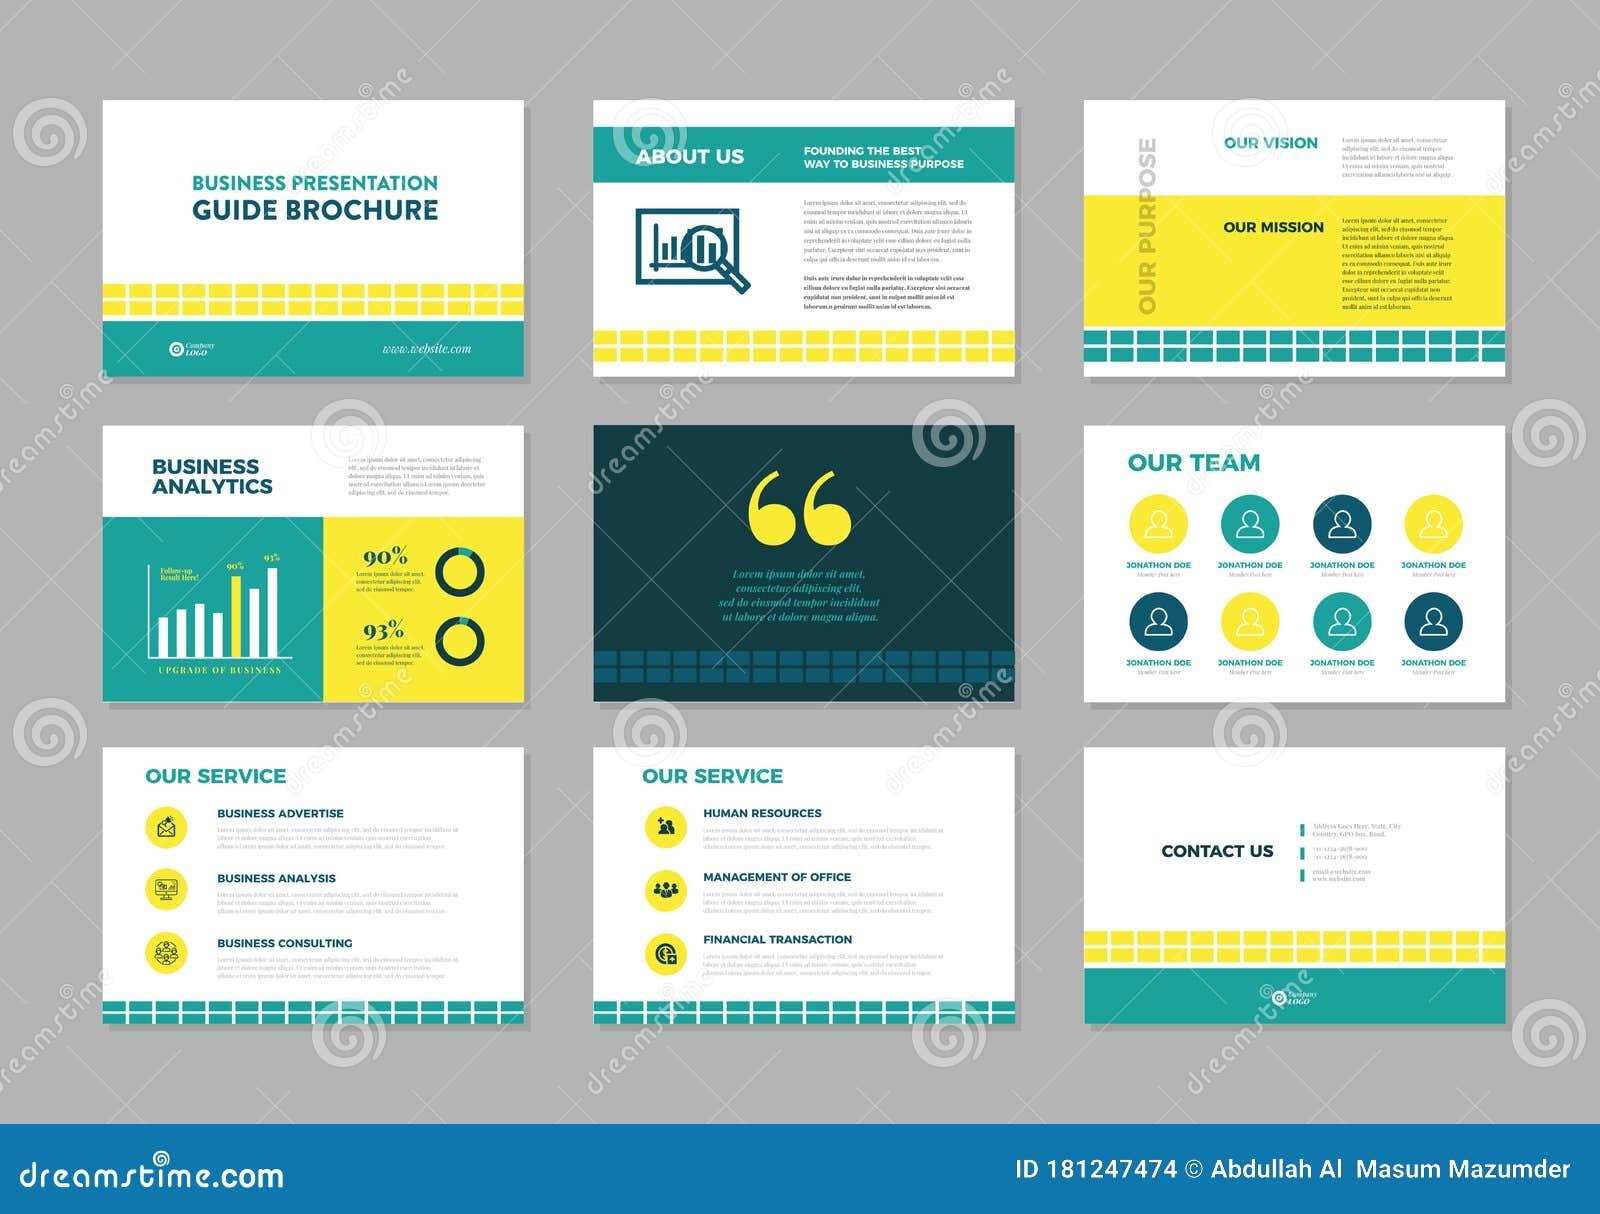 Creative Illustration Of Business Presentation Slide Manual Guide